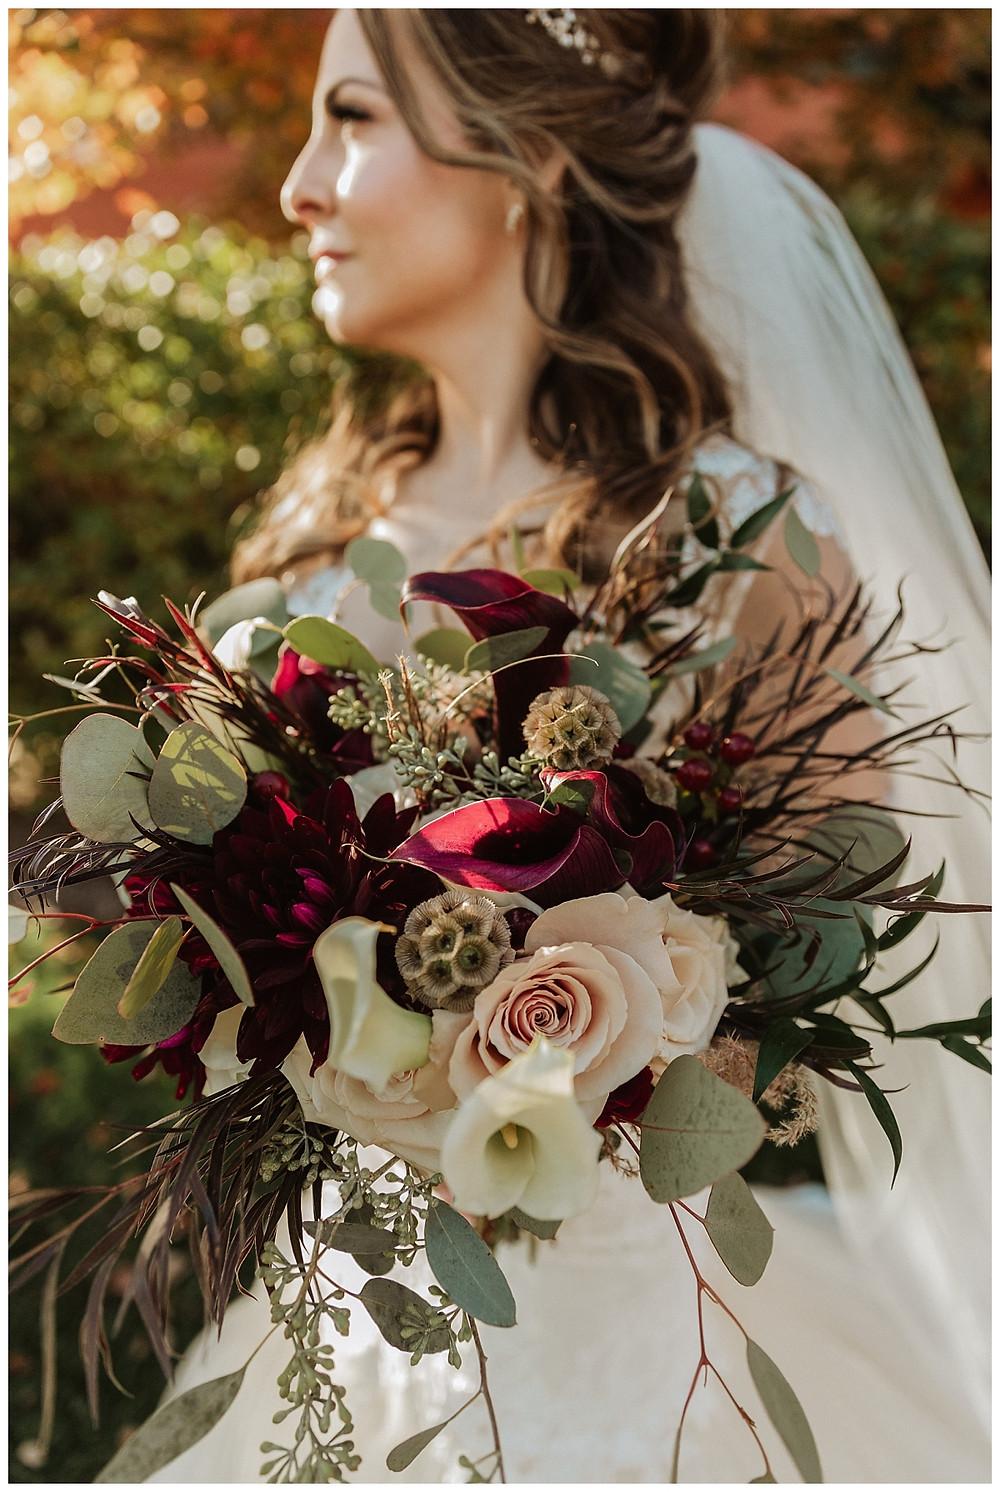 Bridal Portrait with Unique Red and Purple Bridal Bouquet